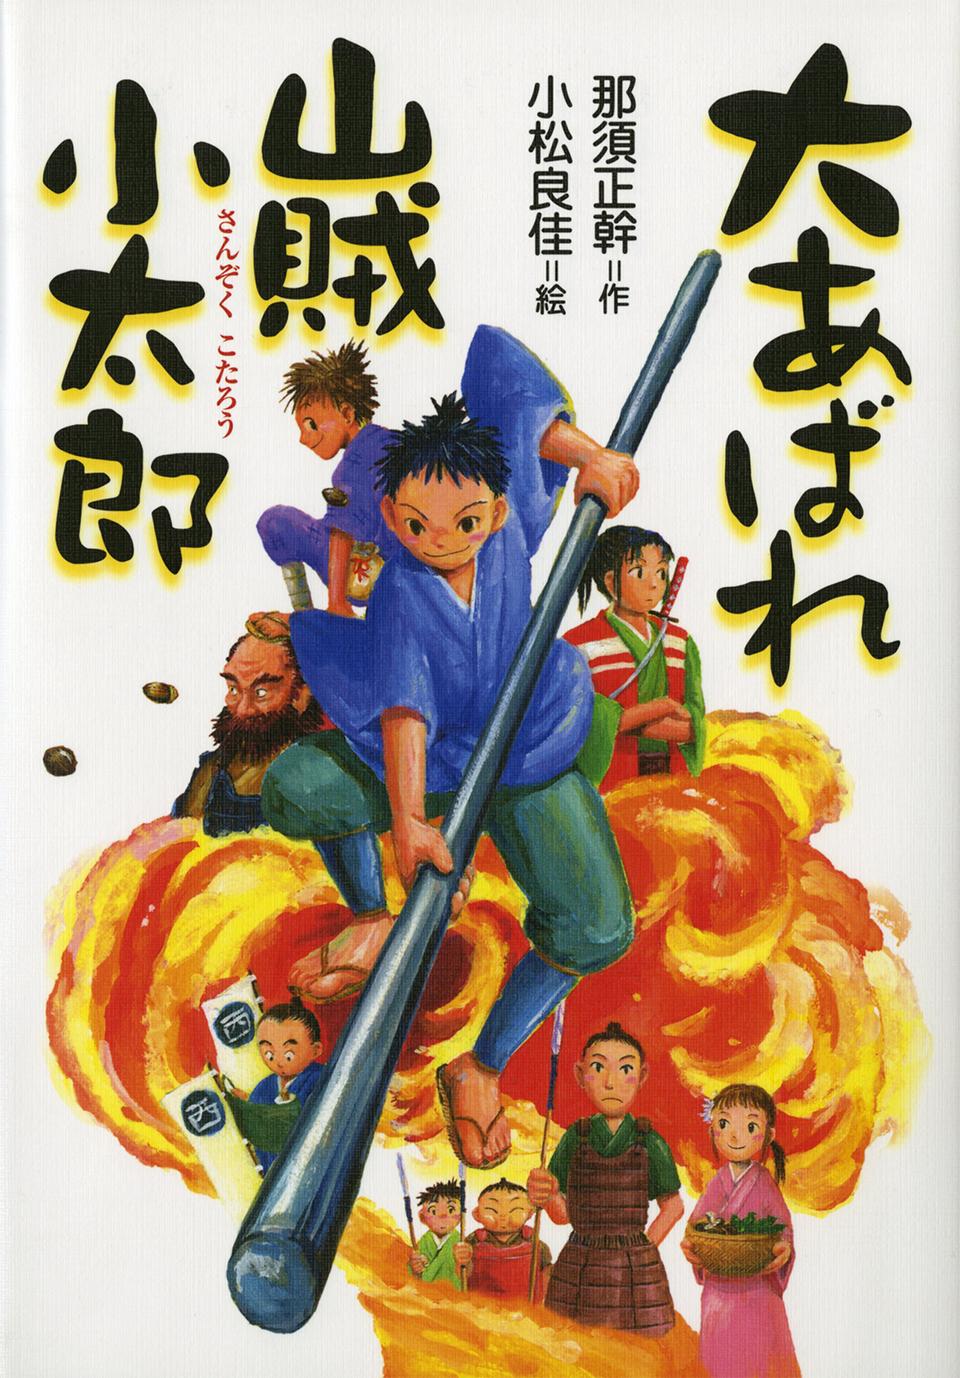 児童文学作家・那須正幹さんがお亡くなりになりました